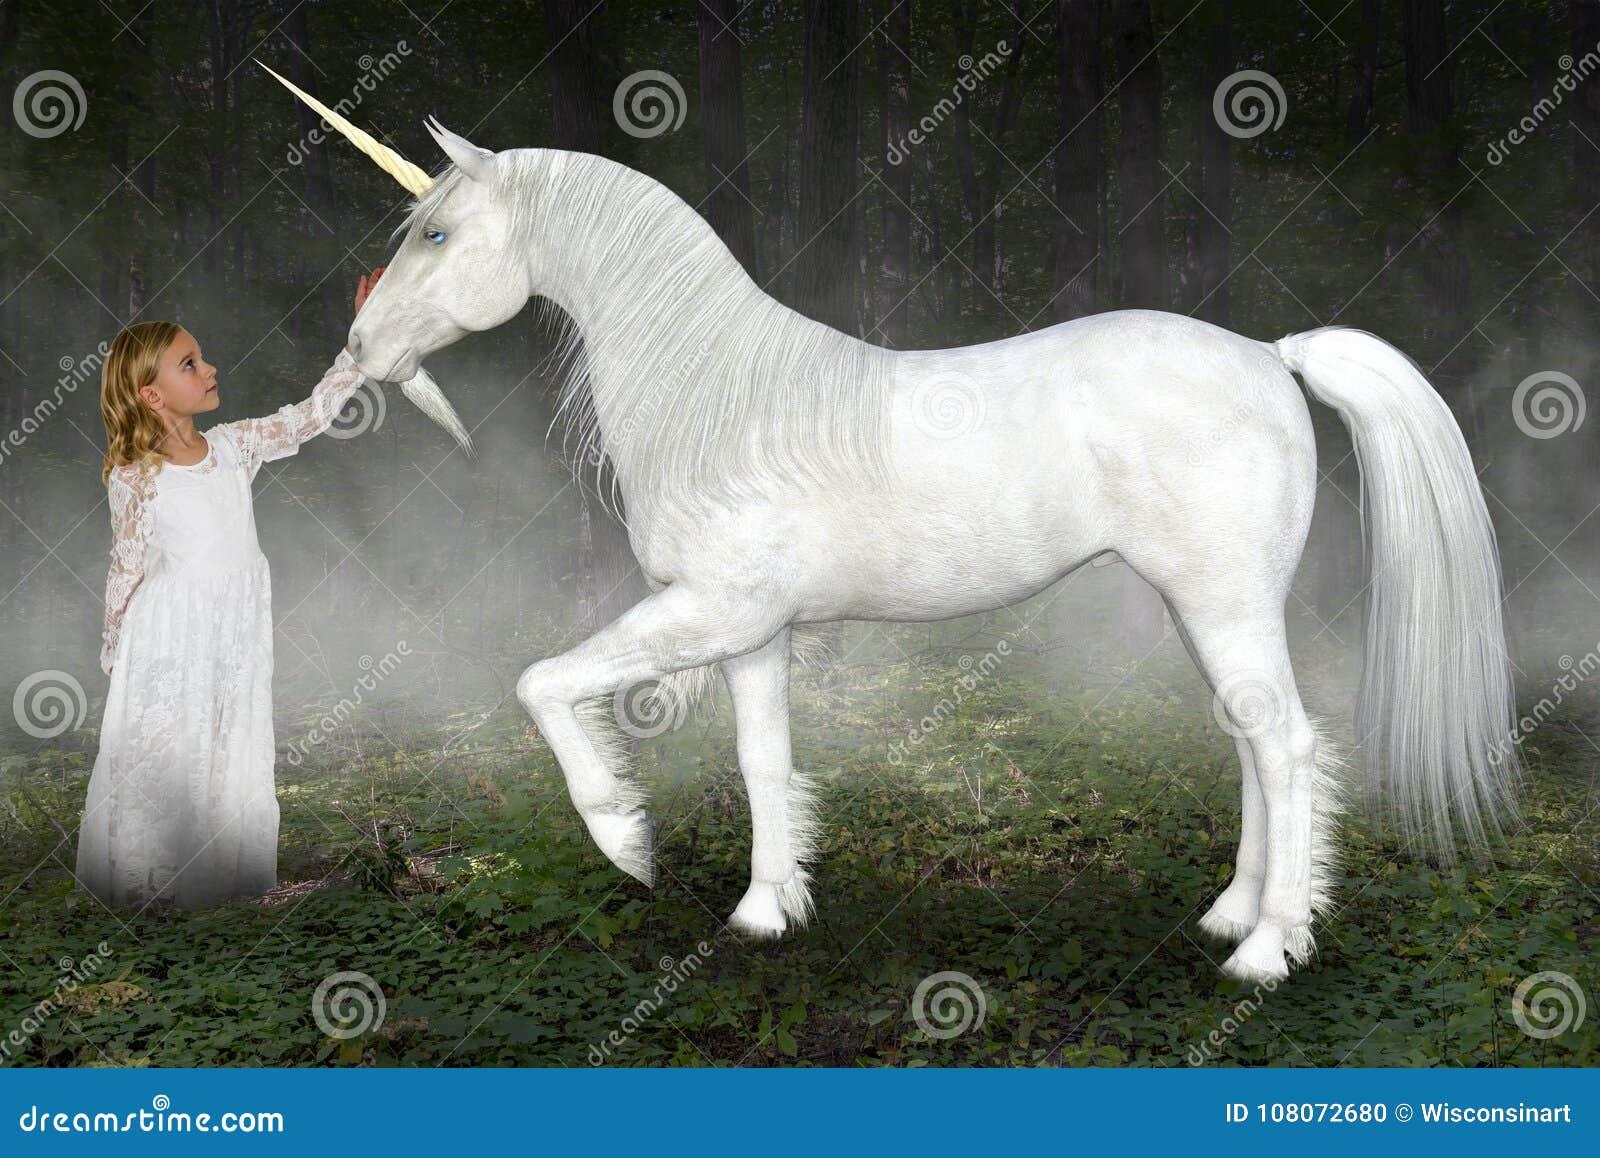 Chica joven, unicornio, naturaleza, esperanza, amor, paz